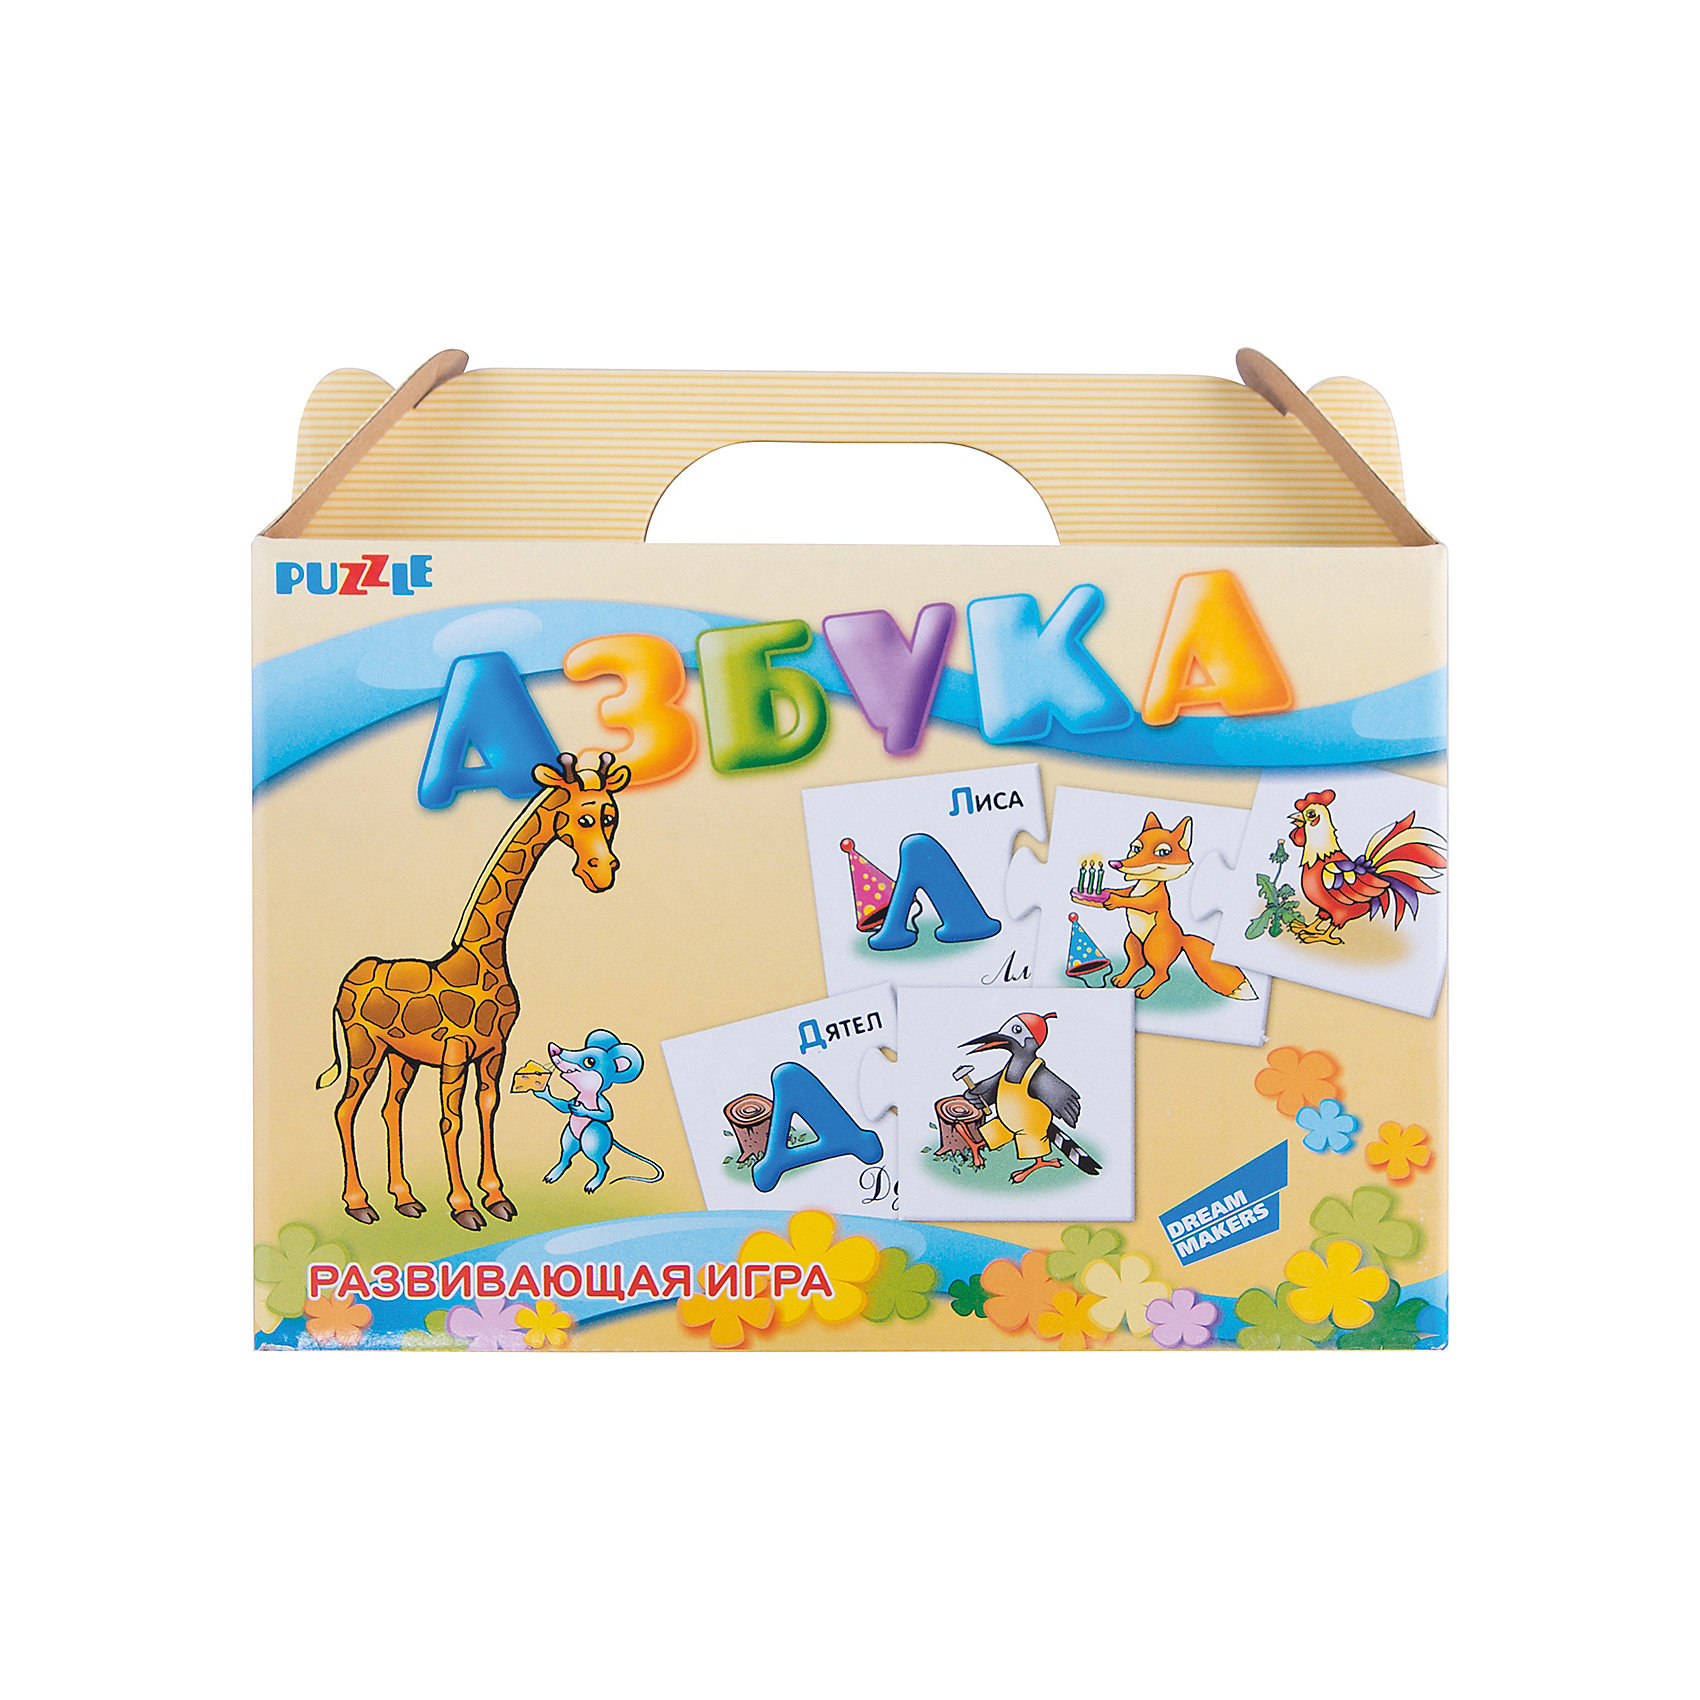 Настольная игра Азбука Dream makersОбучающие карточки<br>Развивающий пазл для детей. Комплектность: карточки Азбука - 66 шт.<br><br>Ширина мм: 215<br>Глубина мм: 185<br>Высота мм: 50<br>Вес г: 100<br>Возраст от месяцев: 36<br>Возраст до месяцев: 2147483647<br>Пол: Унисекс<br>Возраст: Детский<br>SKU: 7040270